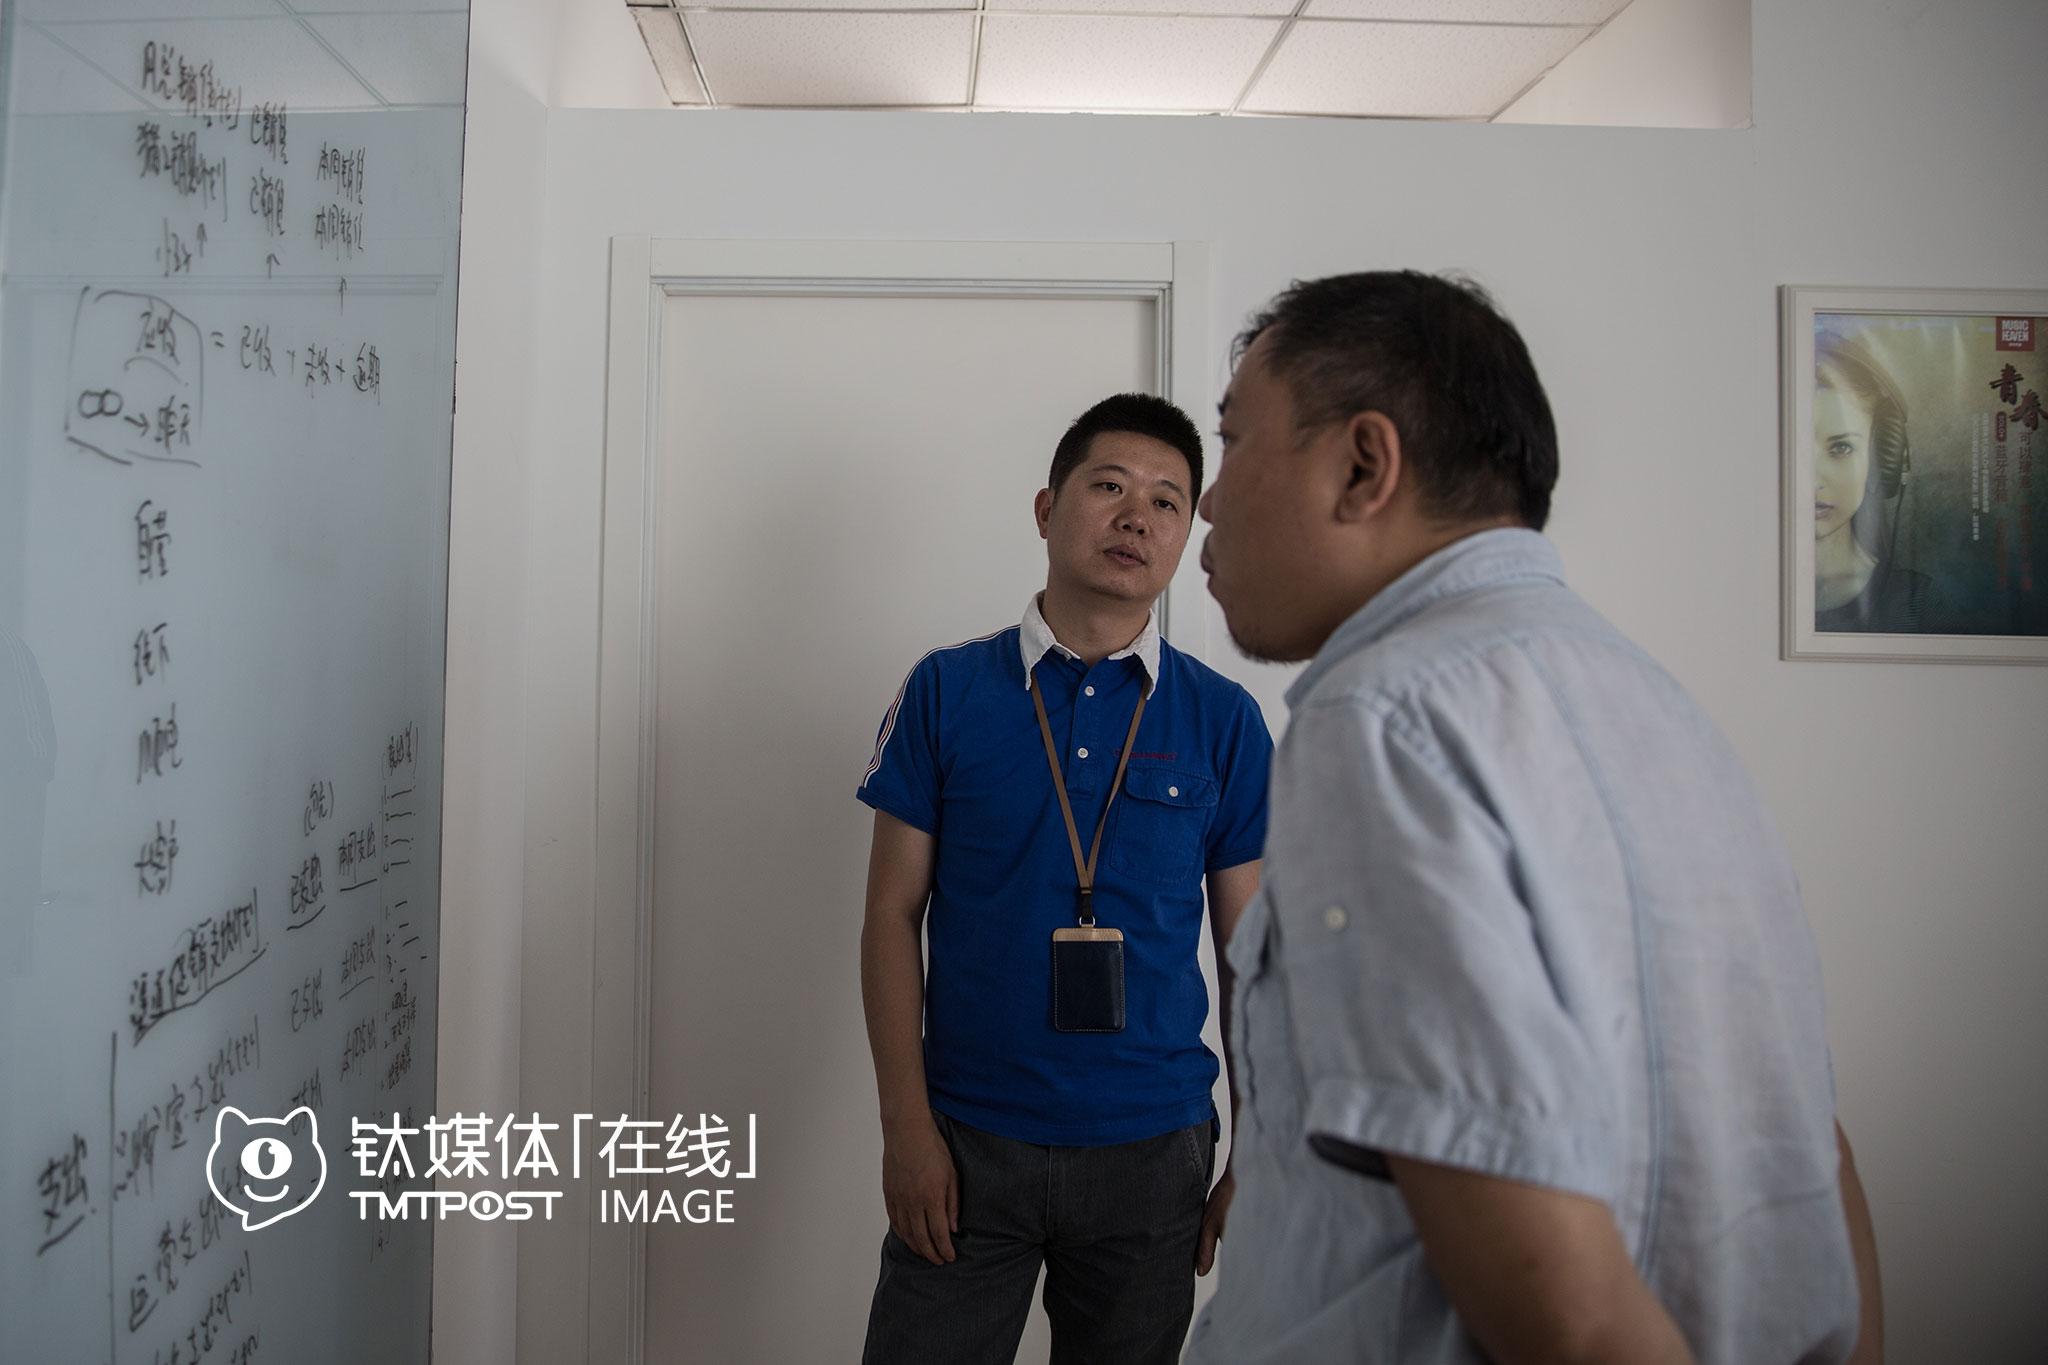 """2016年7月14日,方恒国际中心,云动创想办公室,联合创始人戴明志(左)和同事在商讨工作,由于业务扩展,这家公司刚刚从方恒国际的另一套小办公室搬到这里,""""望京很完整,工作、生活、孩子读书,不出望京都能解决,这里在北京东北角,平时到国贸CBD、中关村开会也还比较方便,望京里面不堵车,但唯一不好的地方就是进出望京太堵了,浪费时间,所以如果谁想来望京创业,最好把家安到望京来,节约时间。"""""""